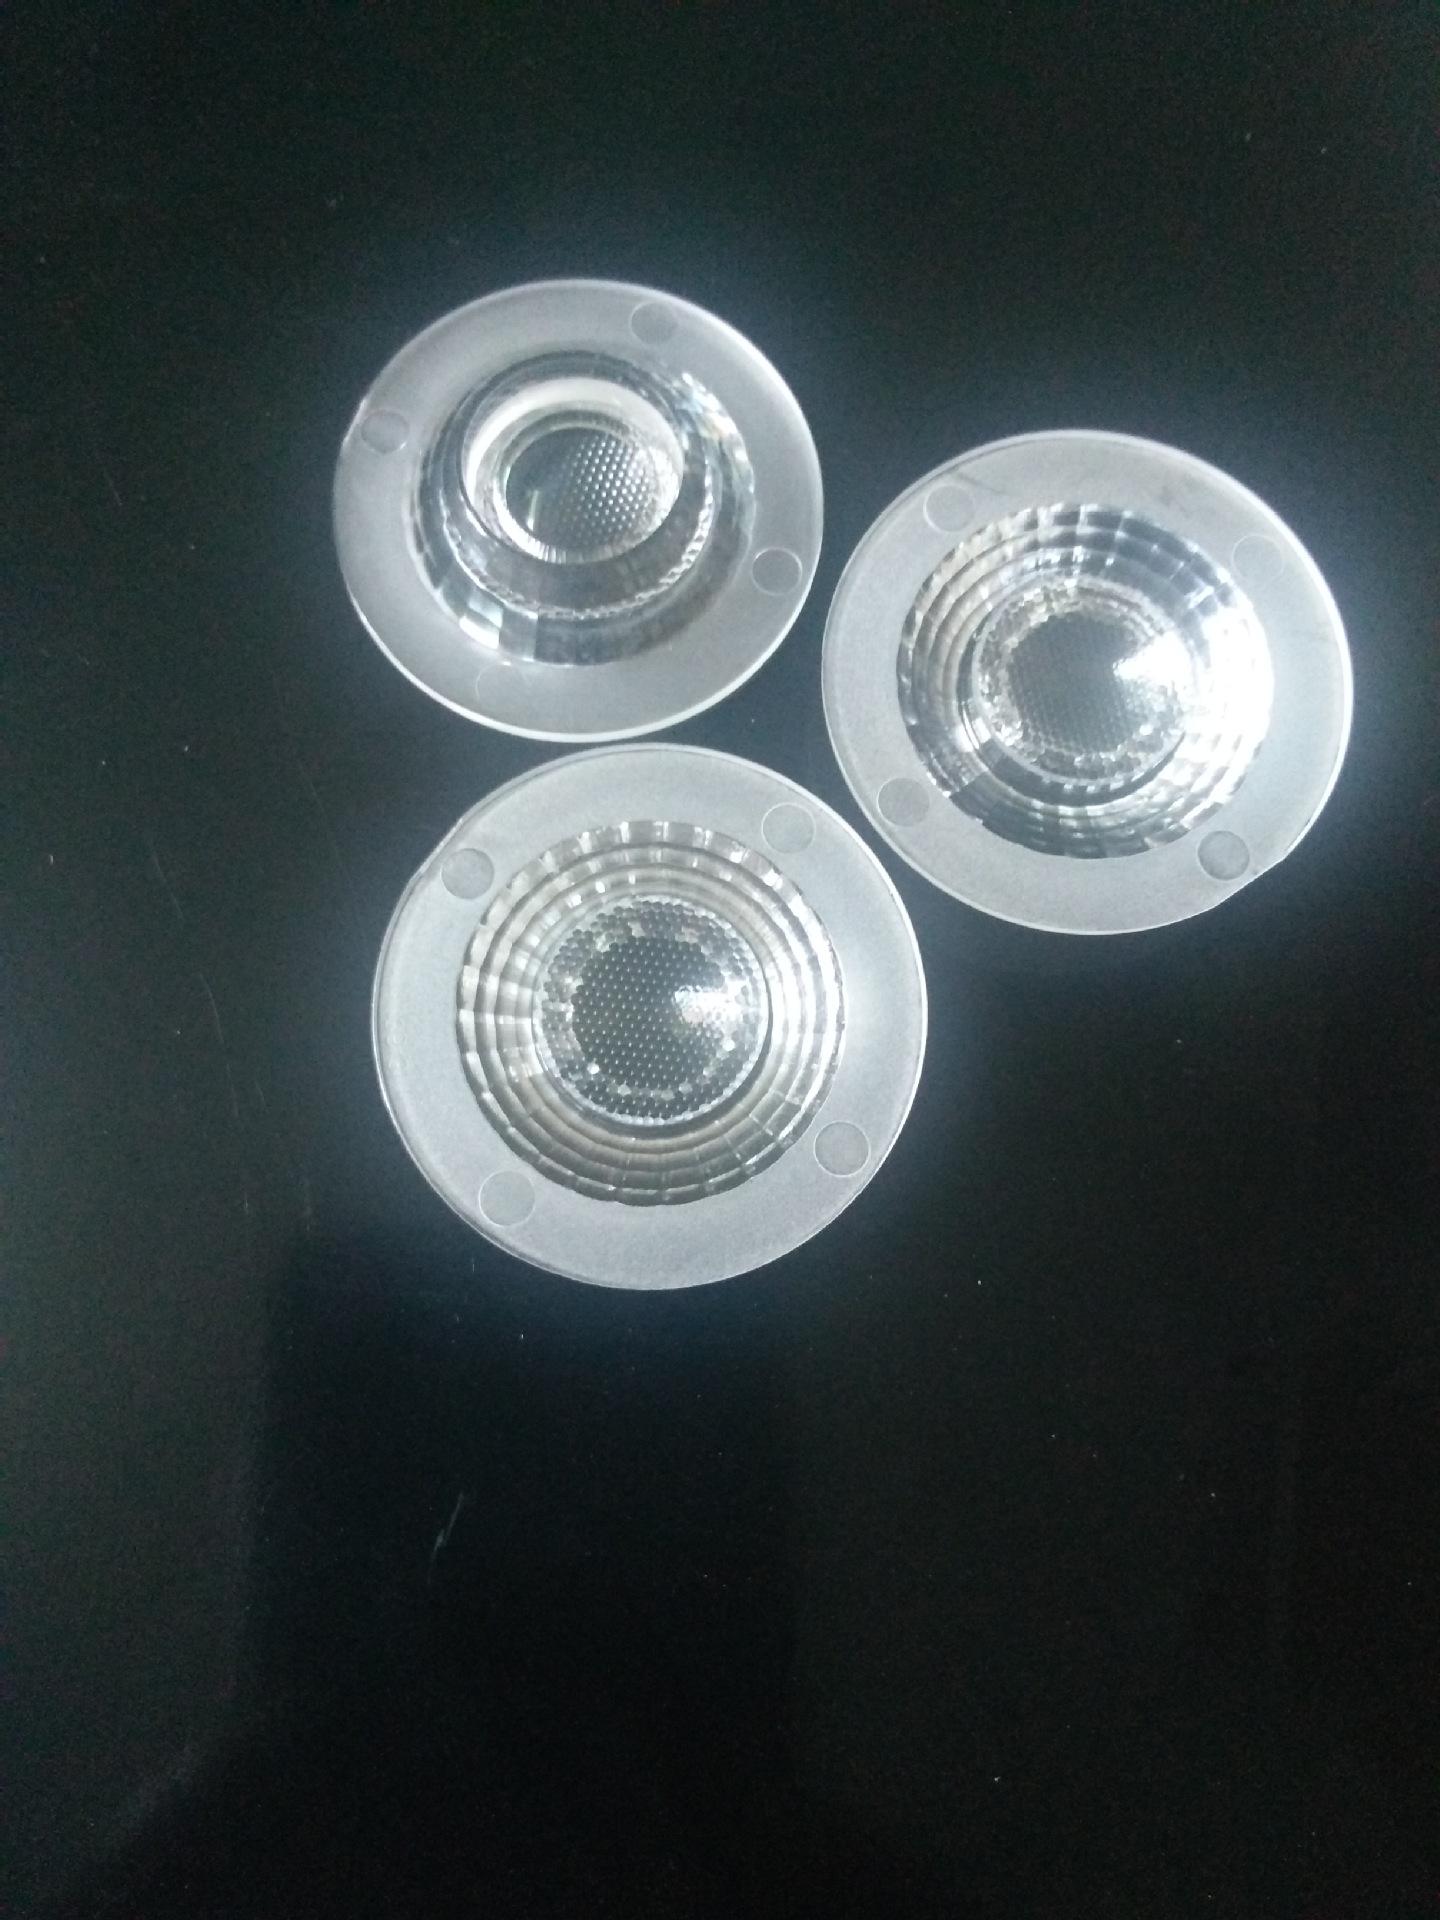 QINSHI Đèn LED thấu kính Ống kính cực lớn, ống kính đường kính 35mm, ống kính đèn pha, ống kính đèn